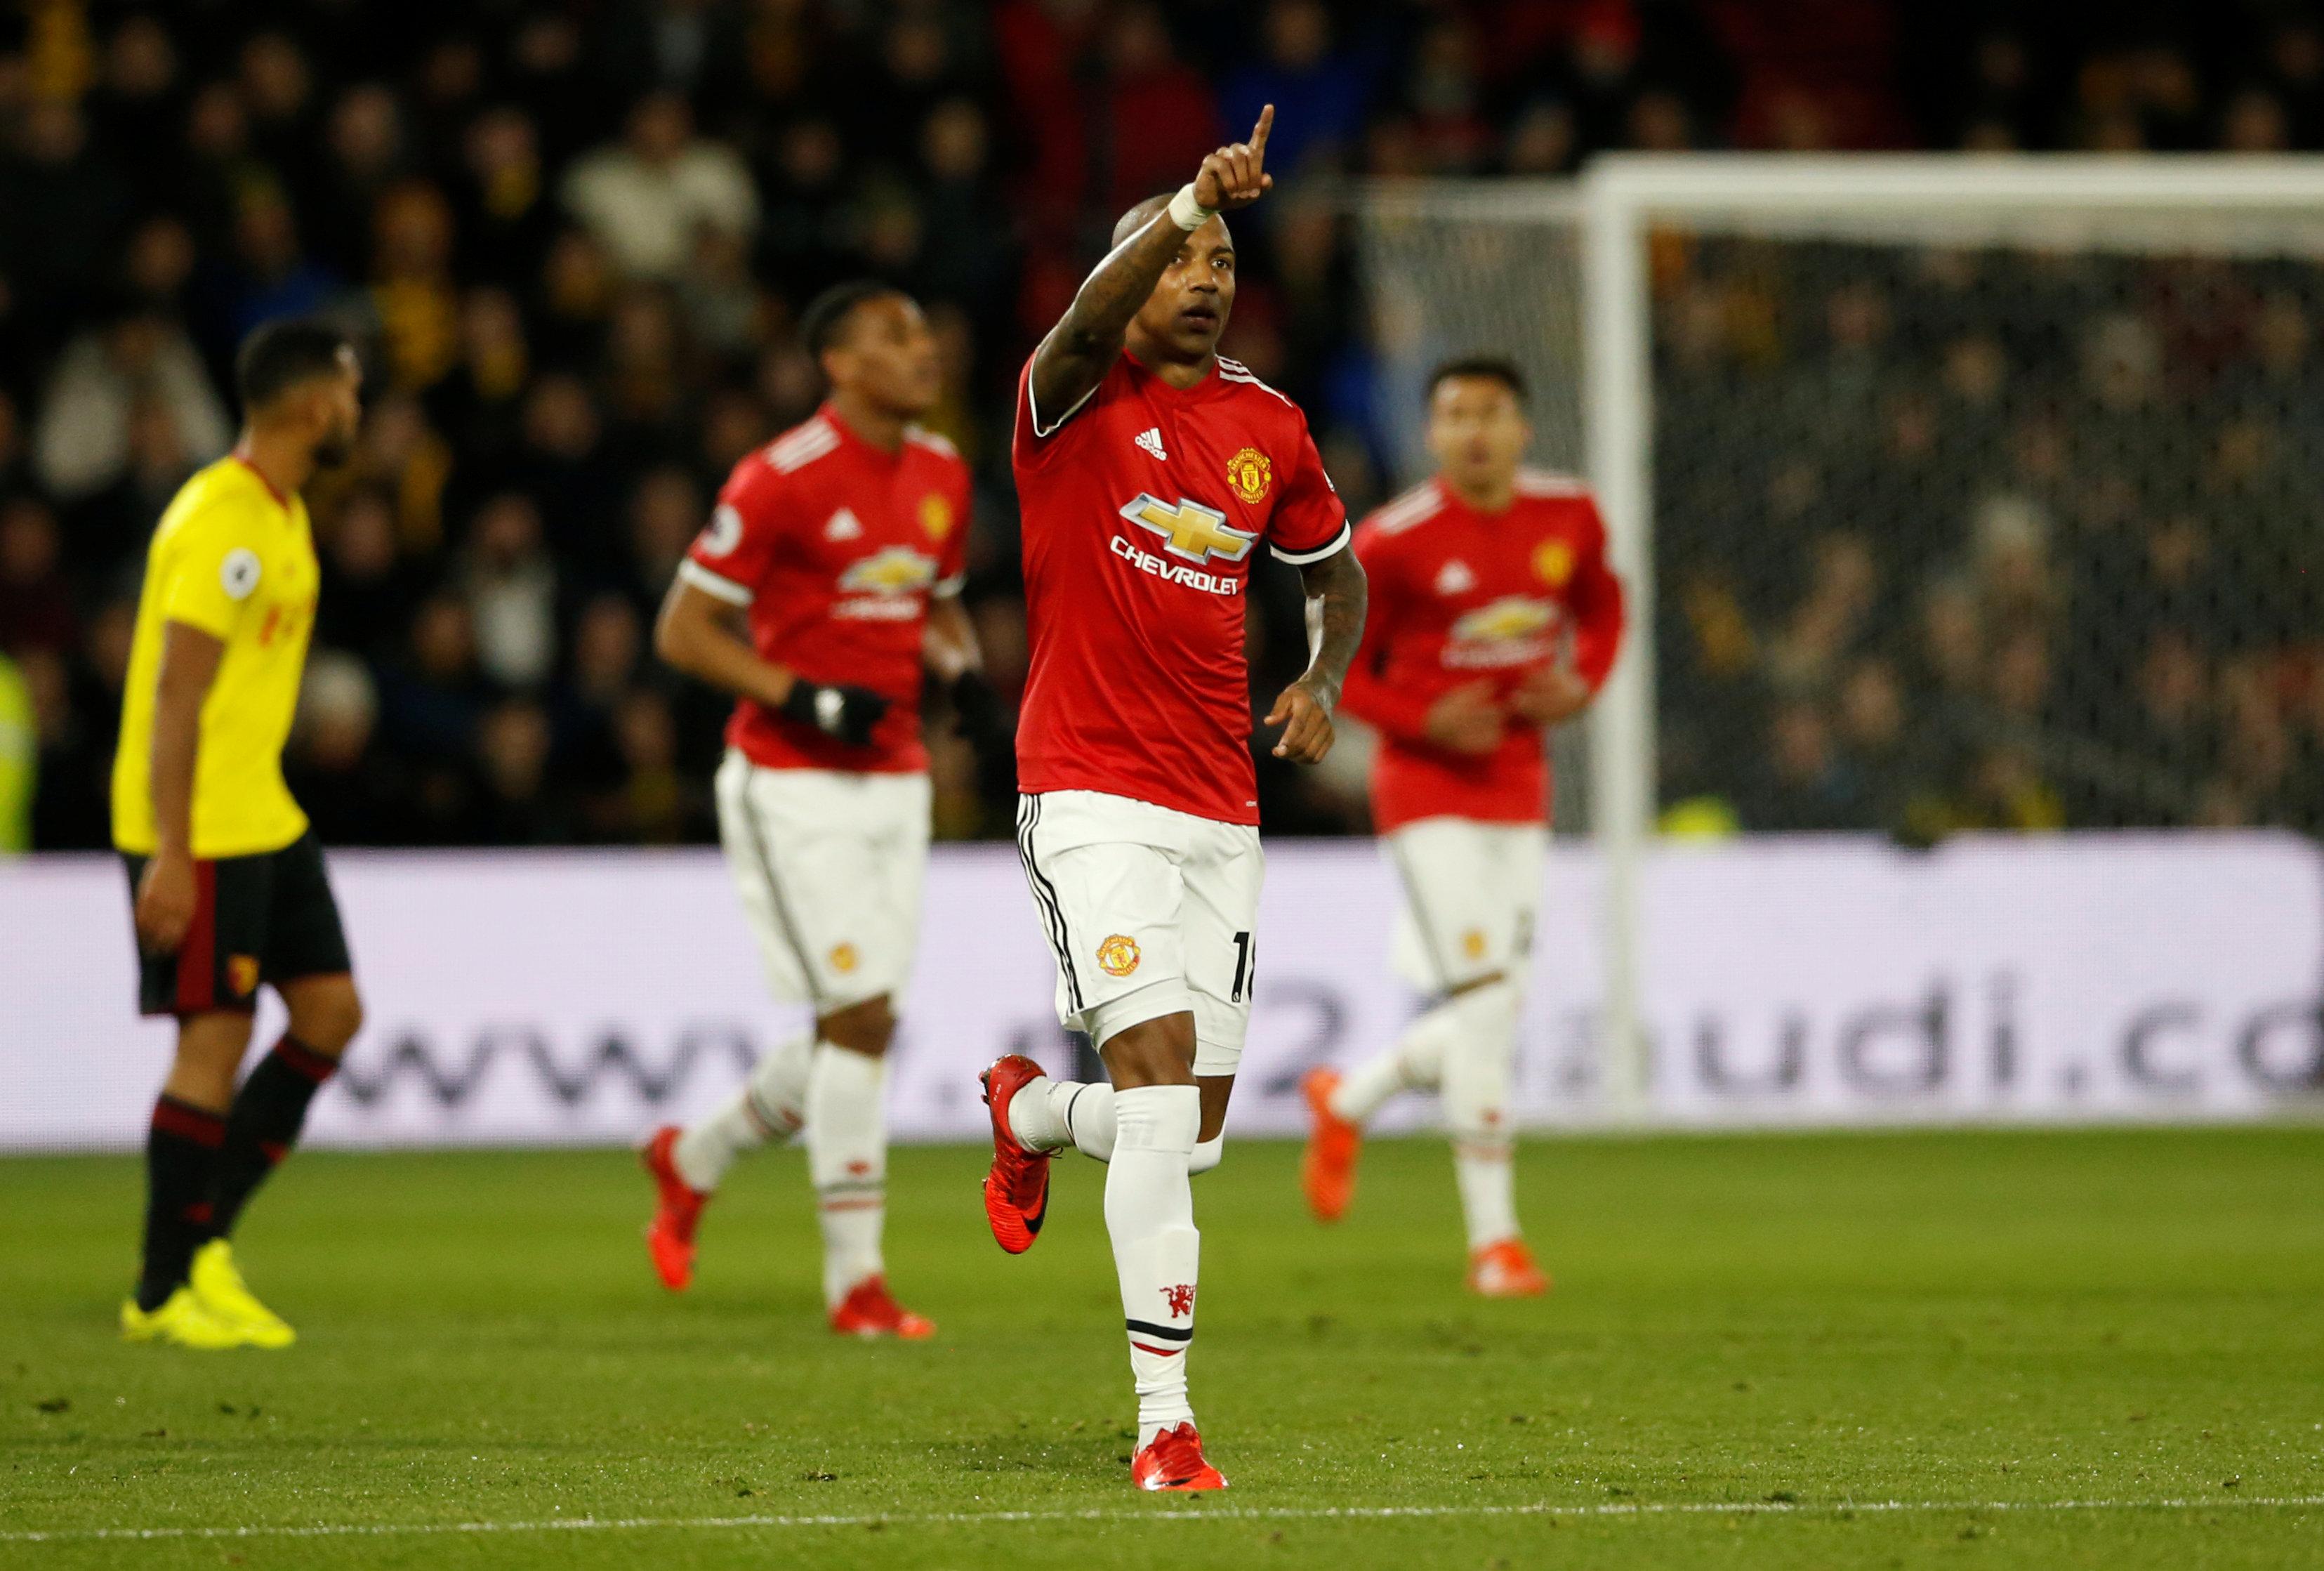 Niềm vui của Young sau khi nâng tỉ số lên 2-0 cho M.U. Ảnh: REUTERS